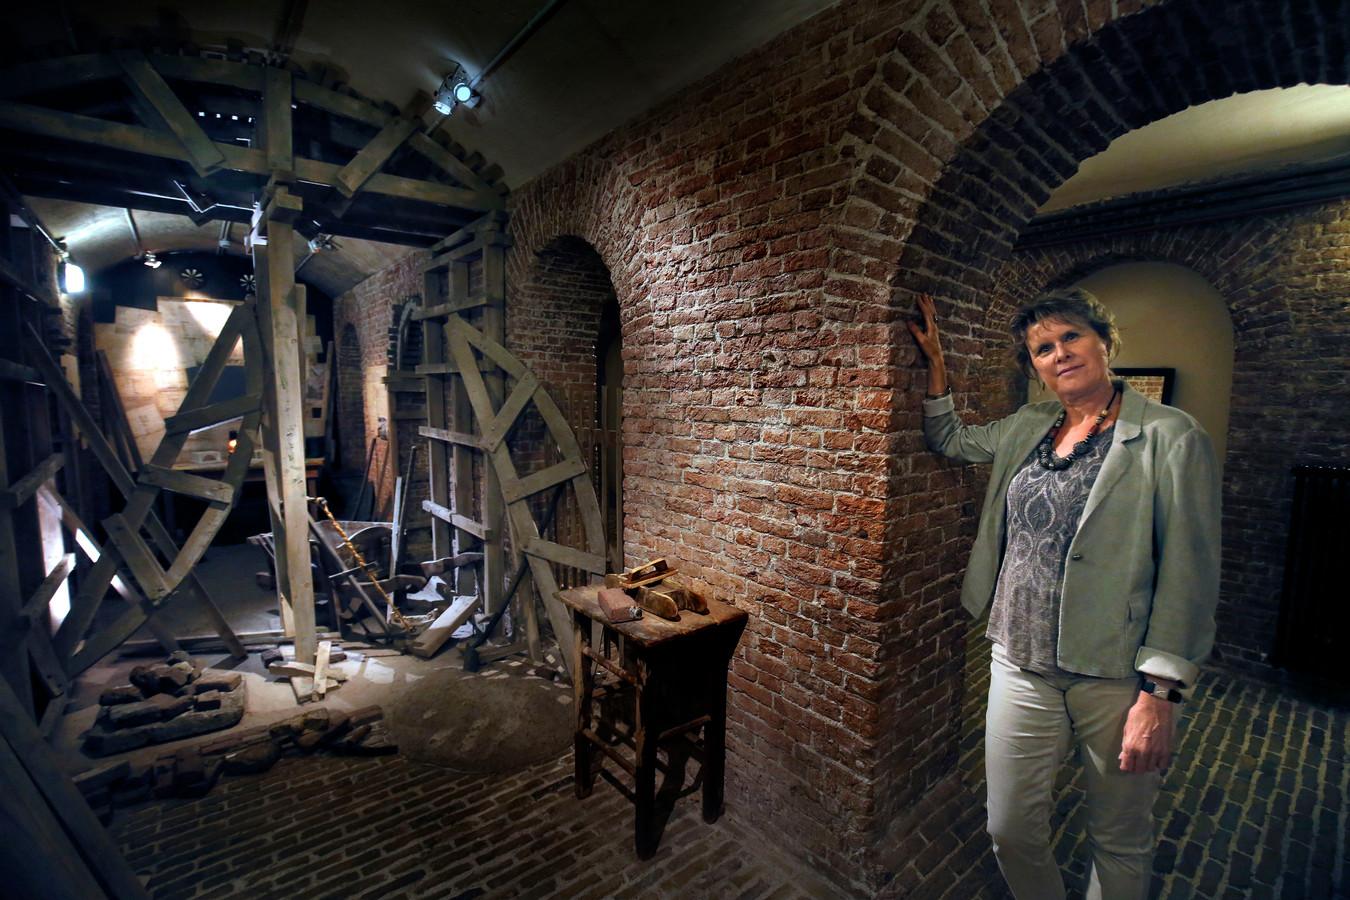 Andrea Kieskamp in de kelders van Slot Loevestein. In december 1942 werd daar 1100 strekkende meter aan historische documenten uit het Nationaal Archief ondergebracht.